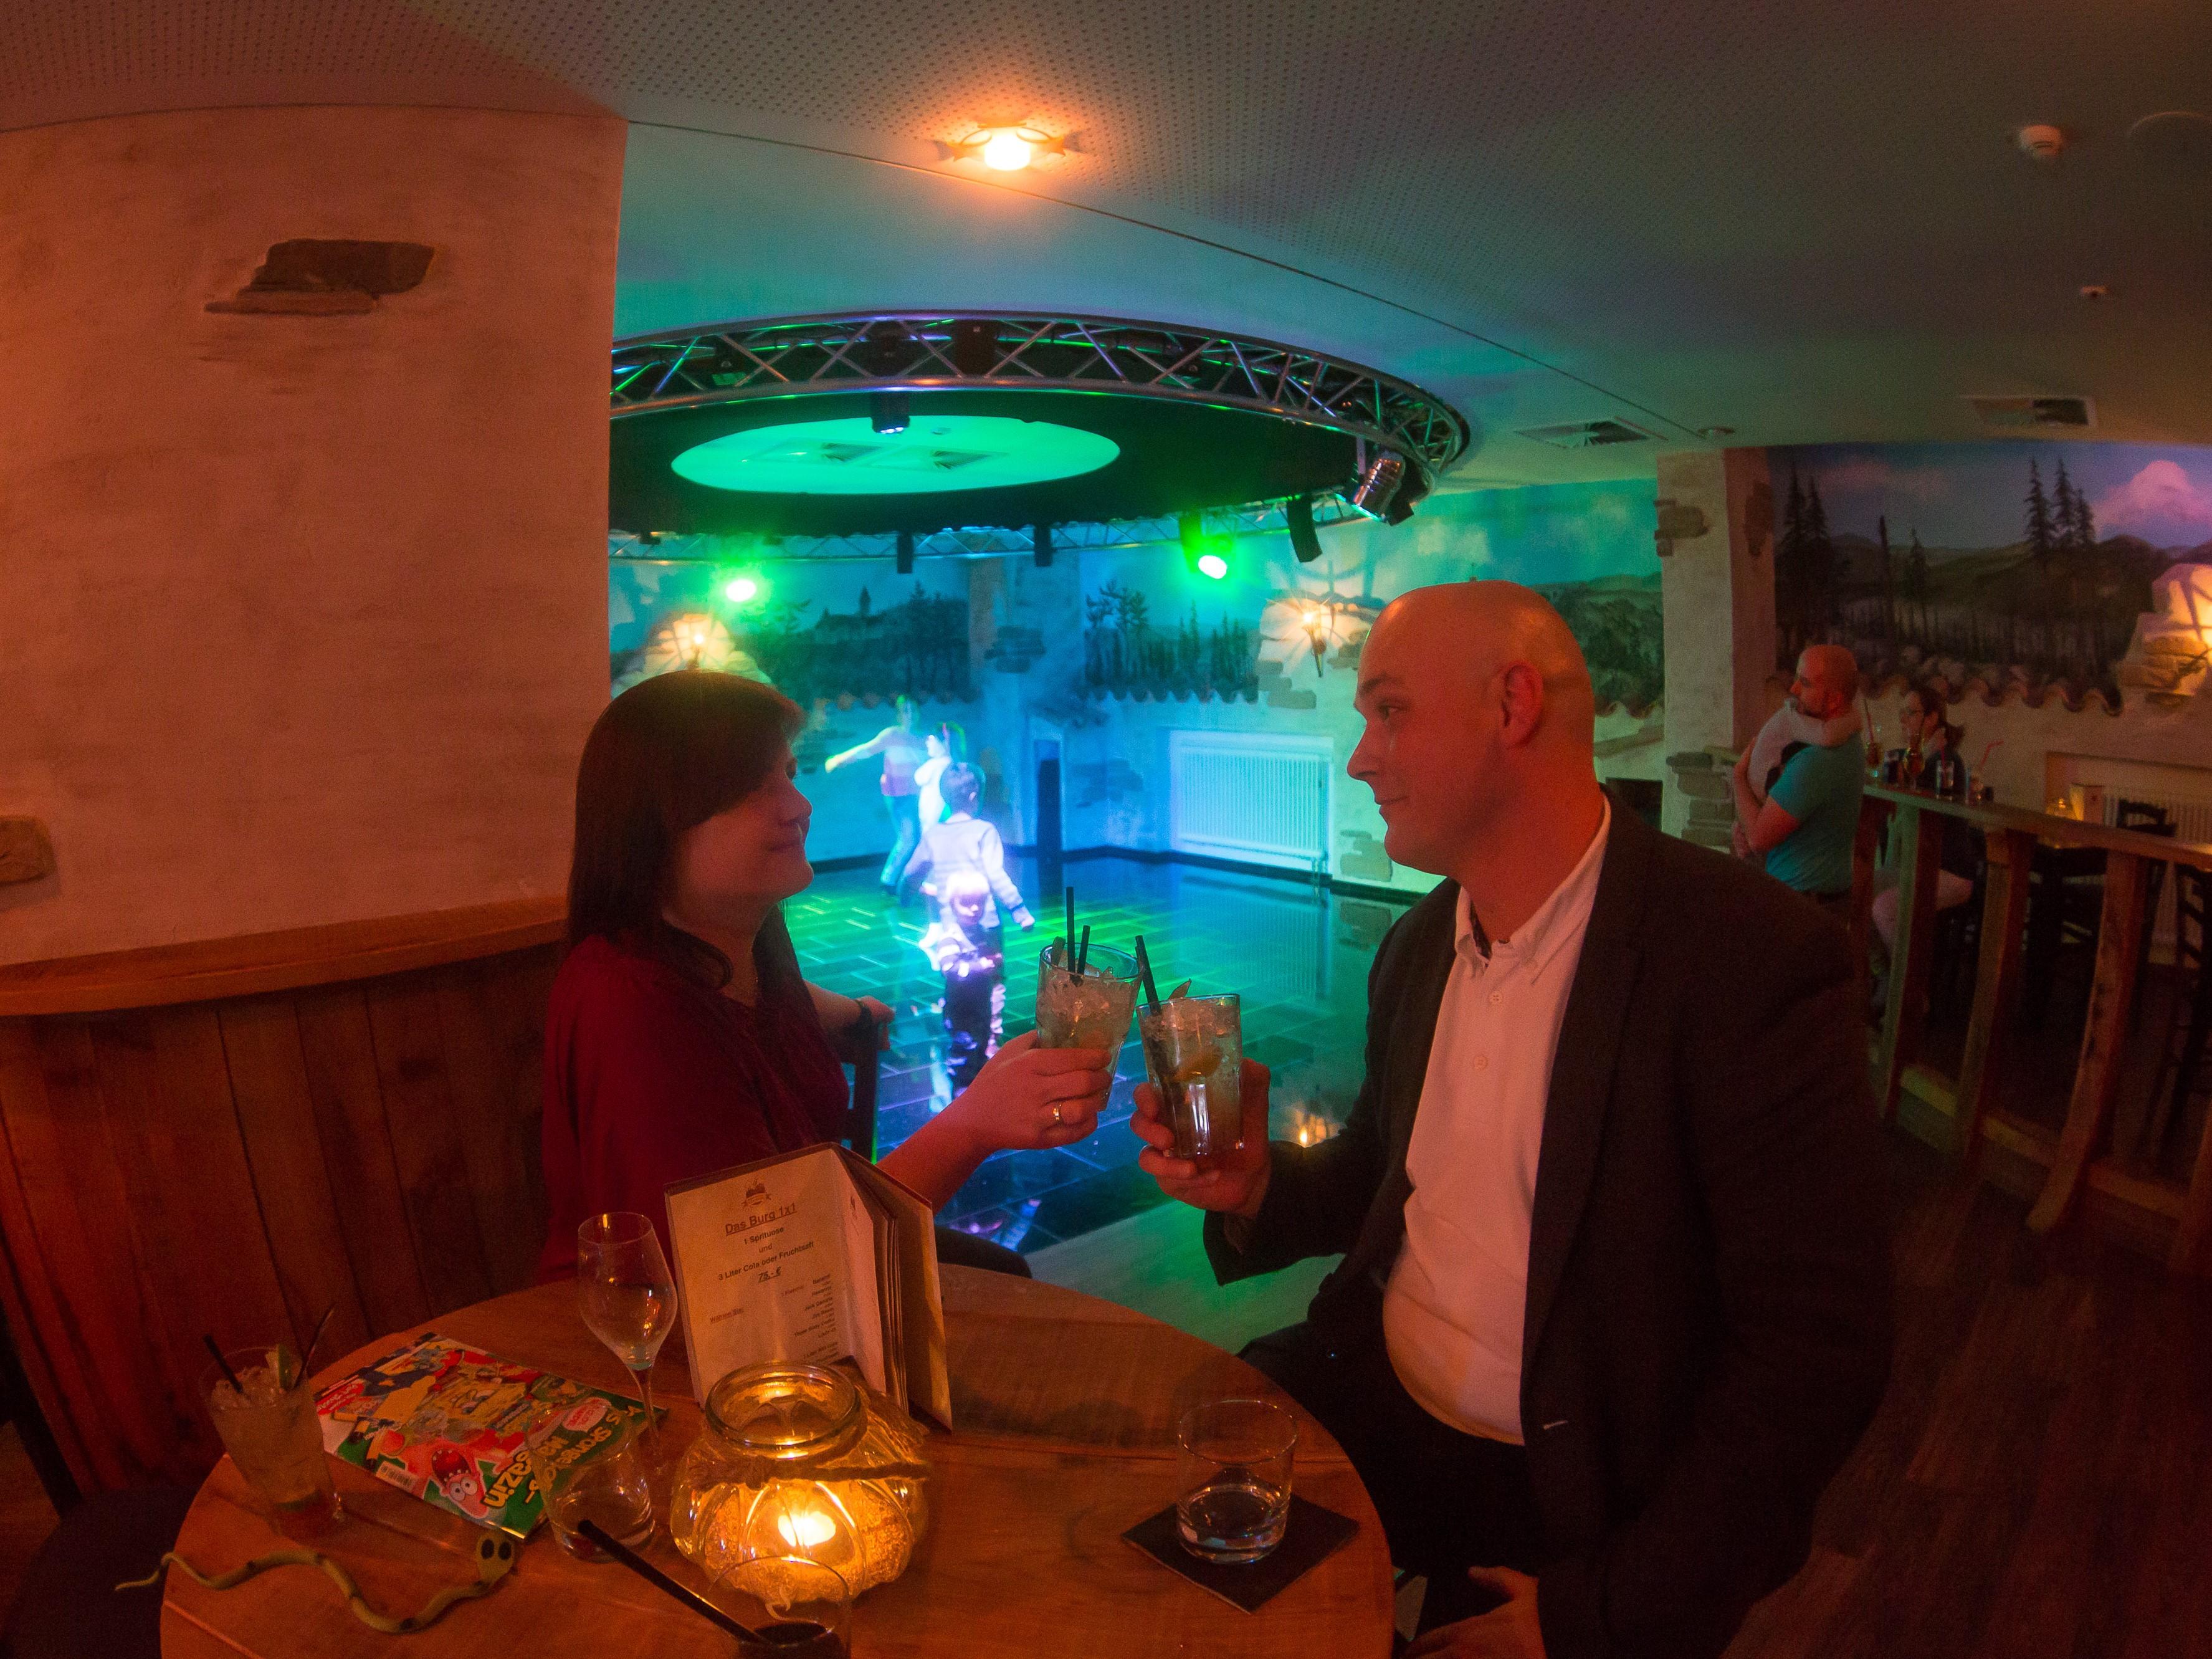 Hasseröder Burghotel in Wernigerode - Restaurant - Sitzecke - Lounge